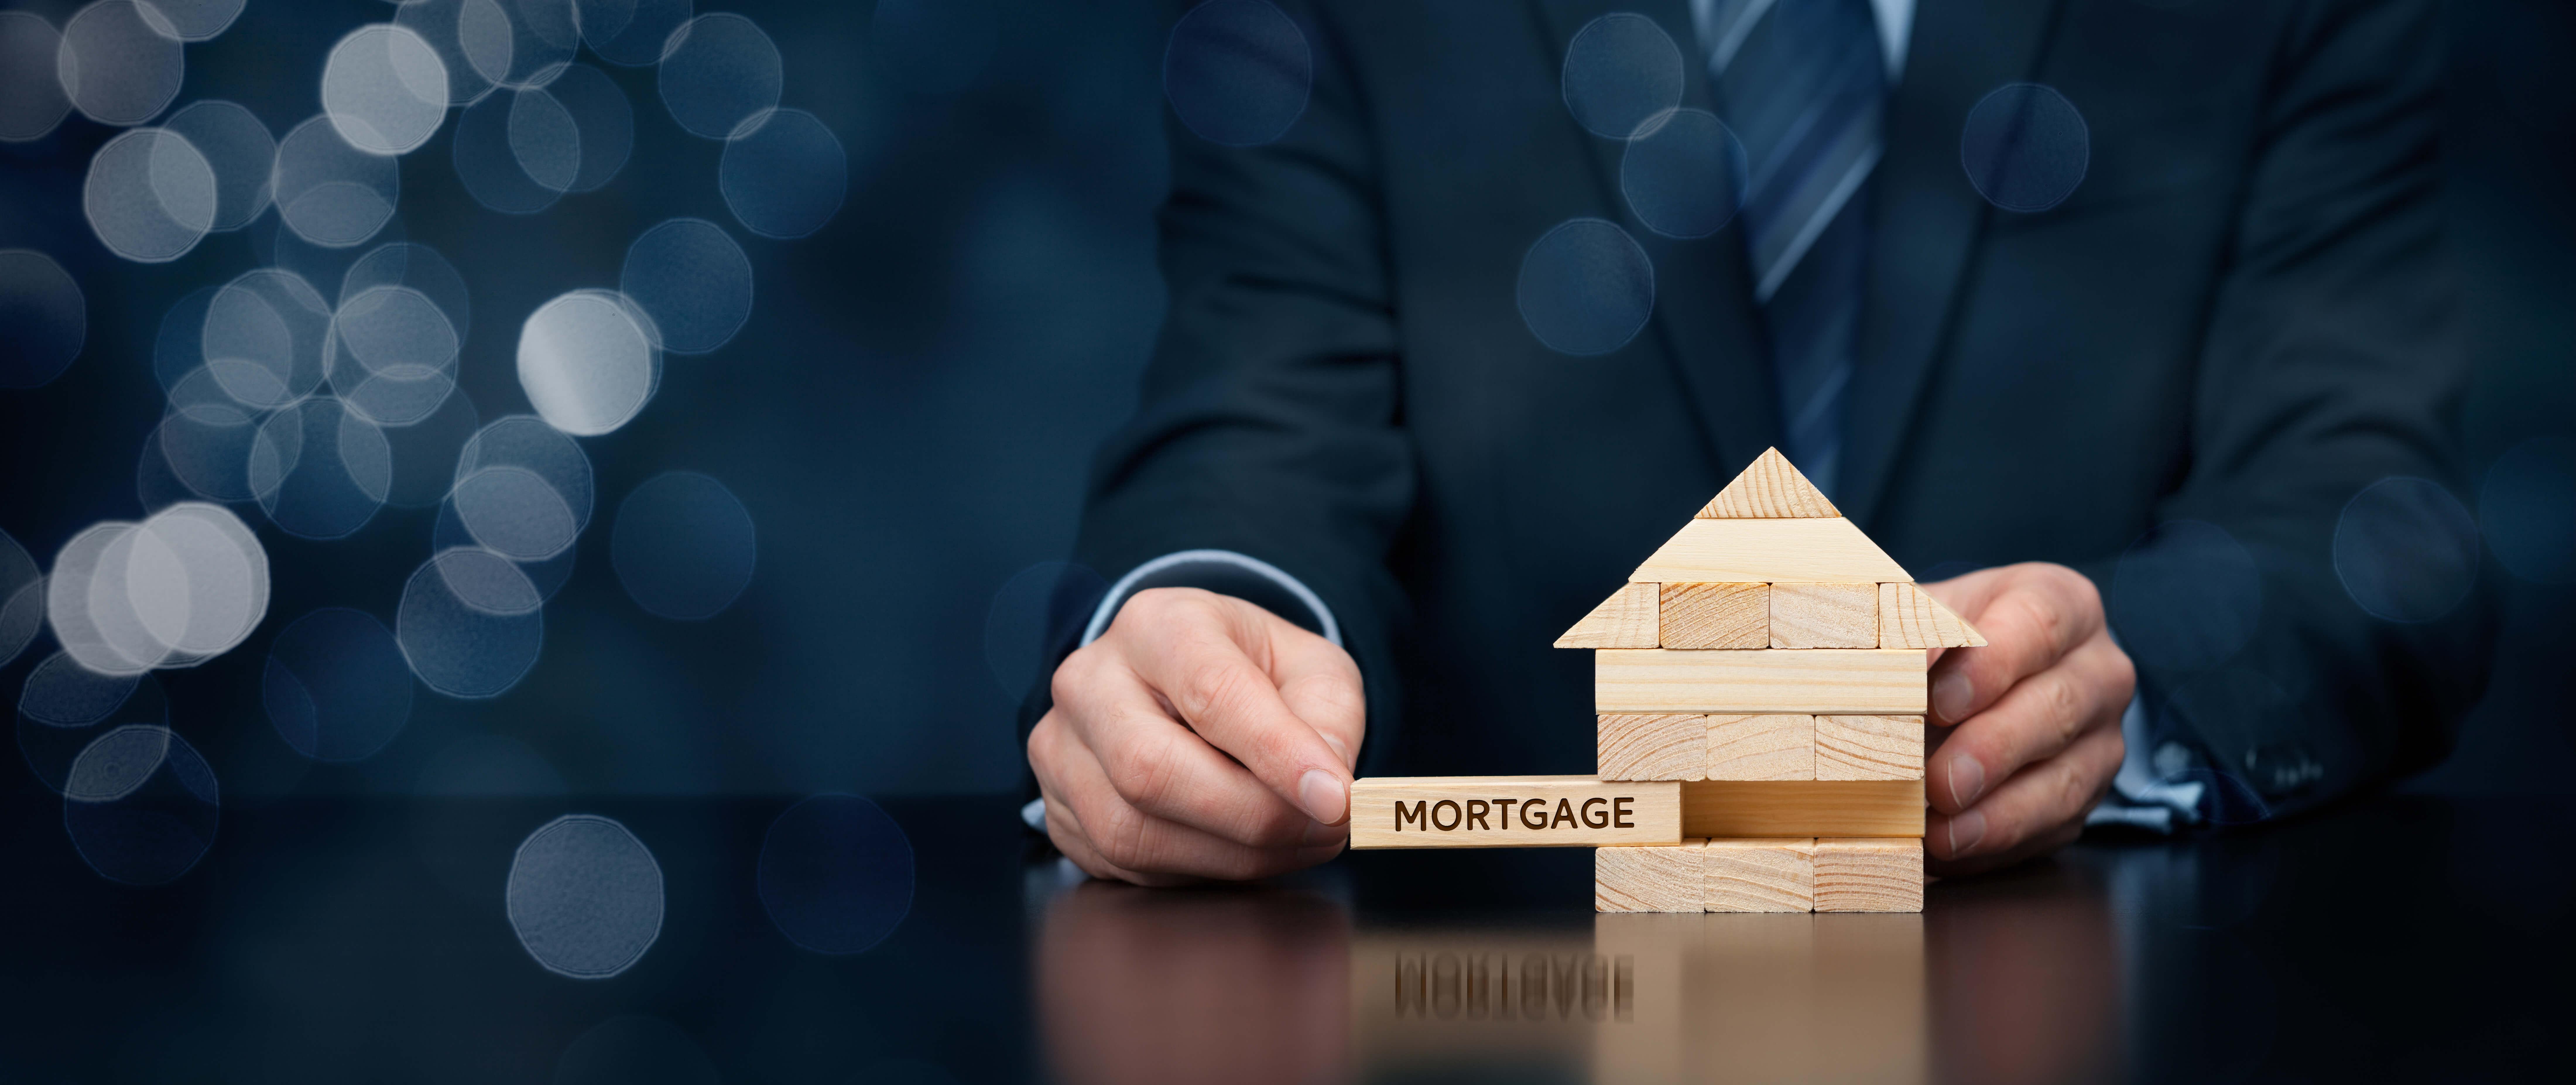 gegarandeerd eindkapitaal oversluiten levensverzekering On levensverzekering hypotheek